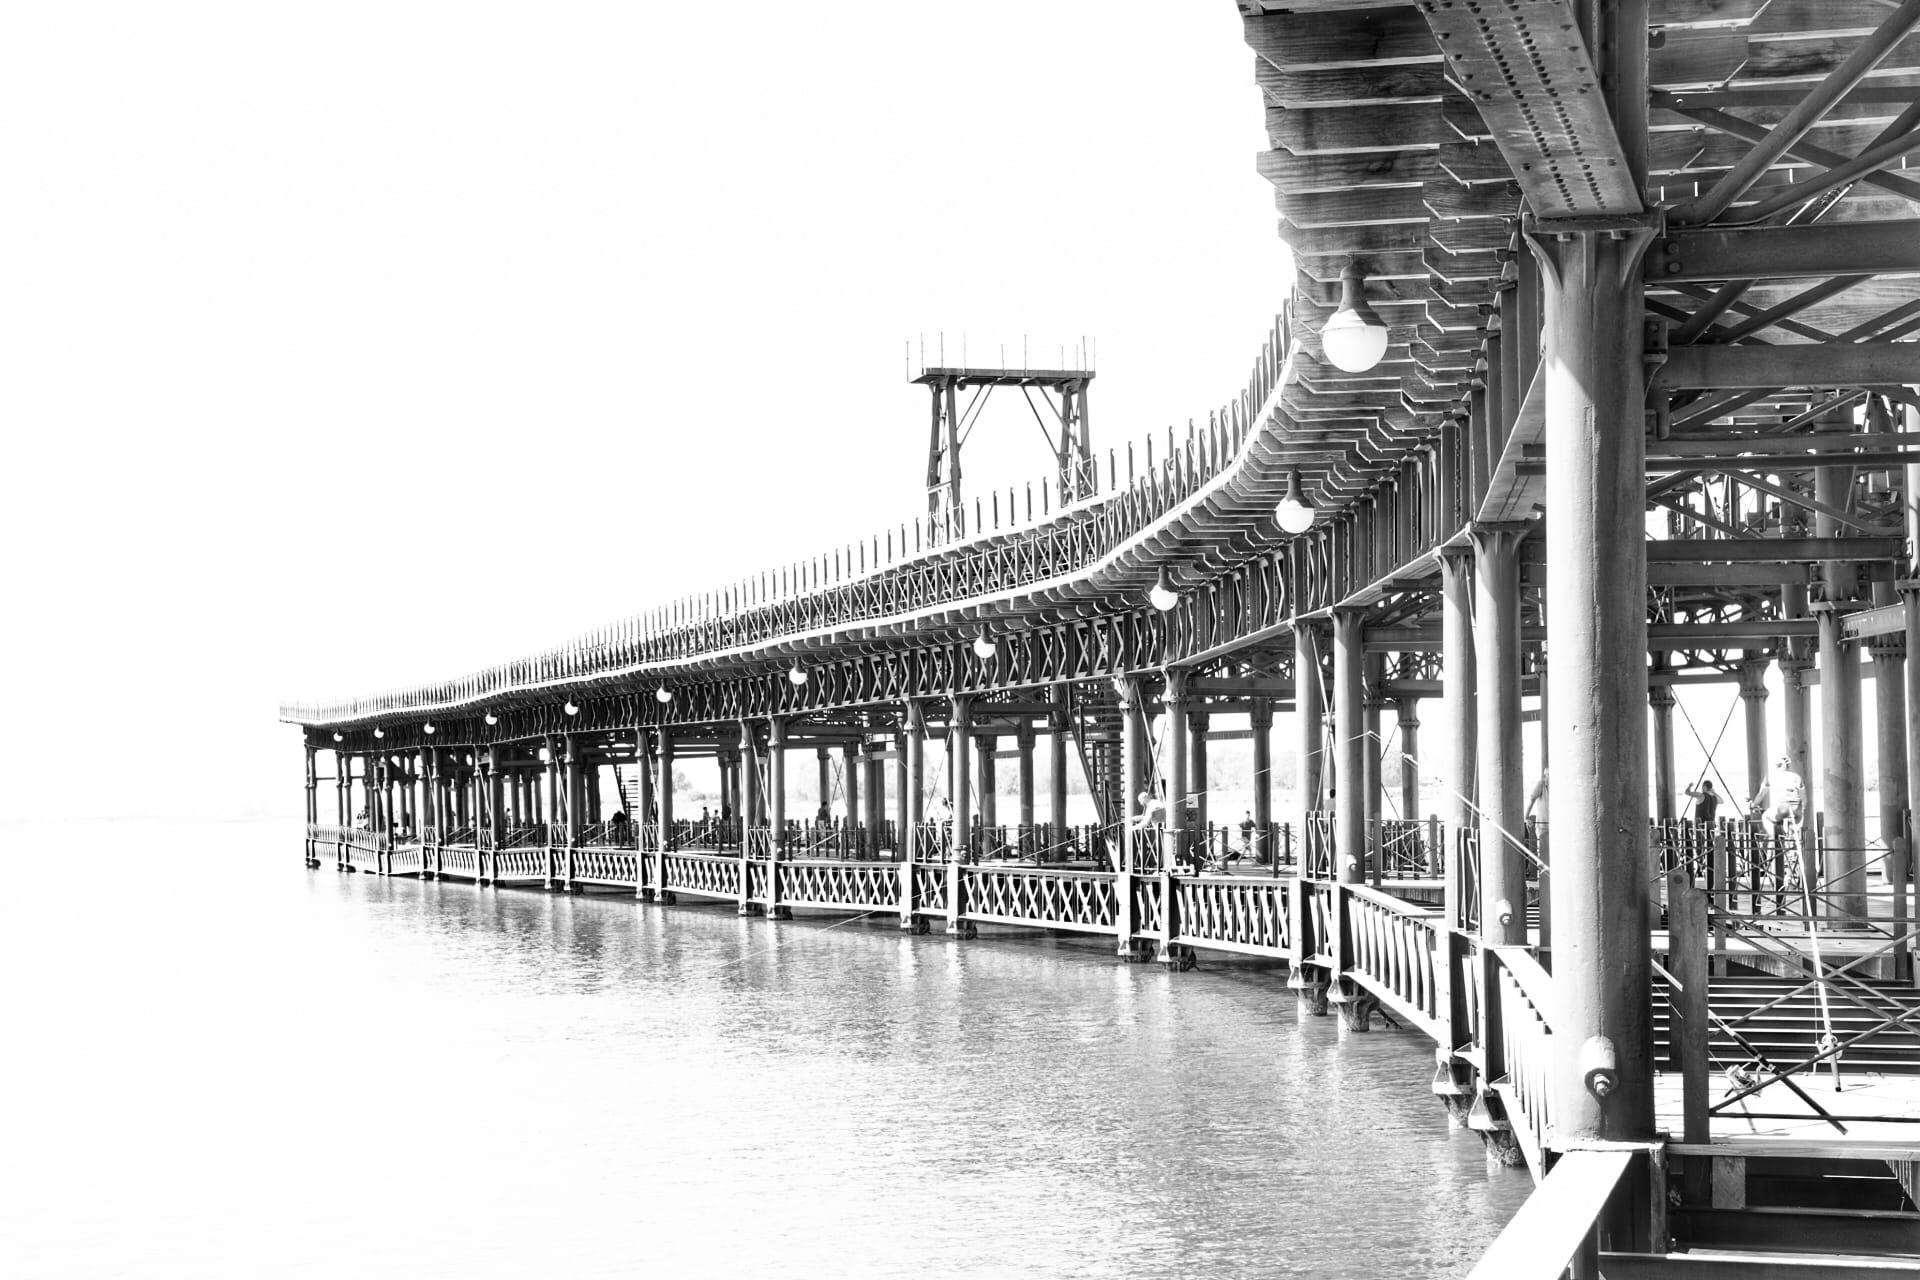 Muelle de cobre